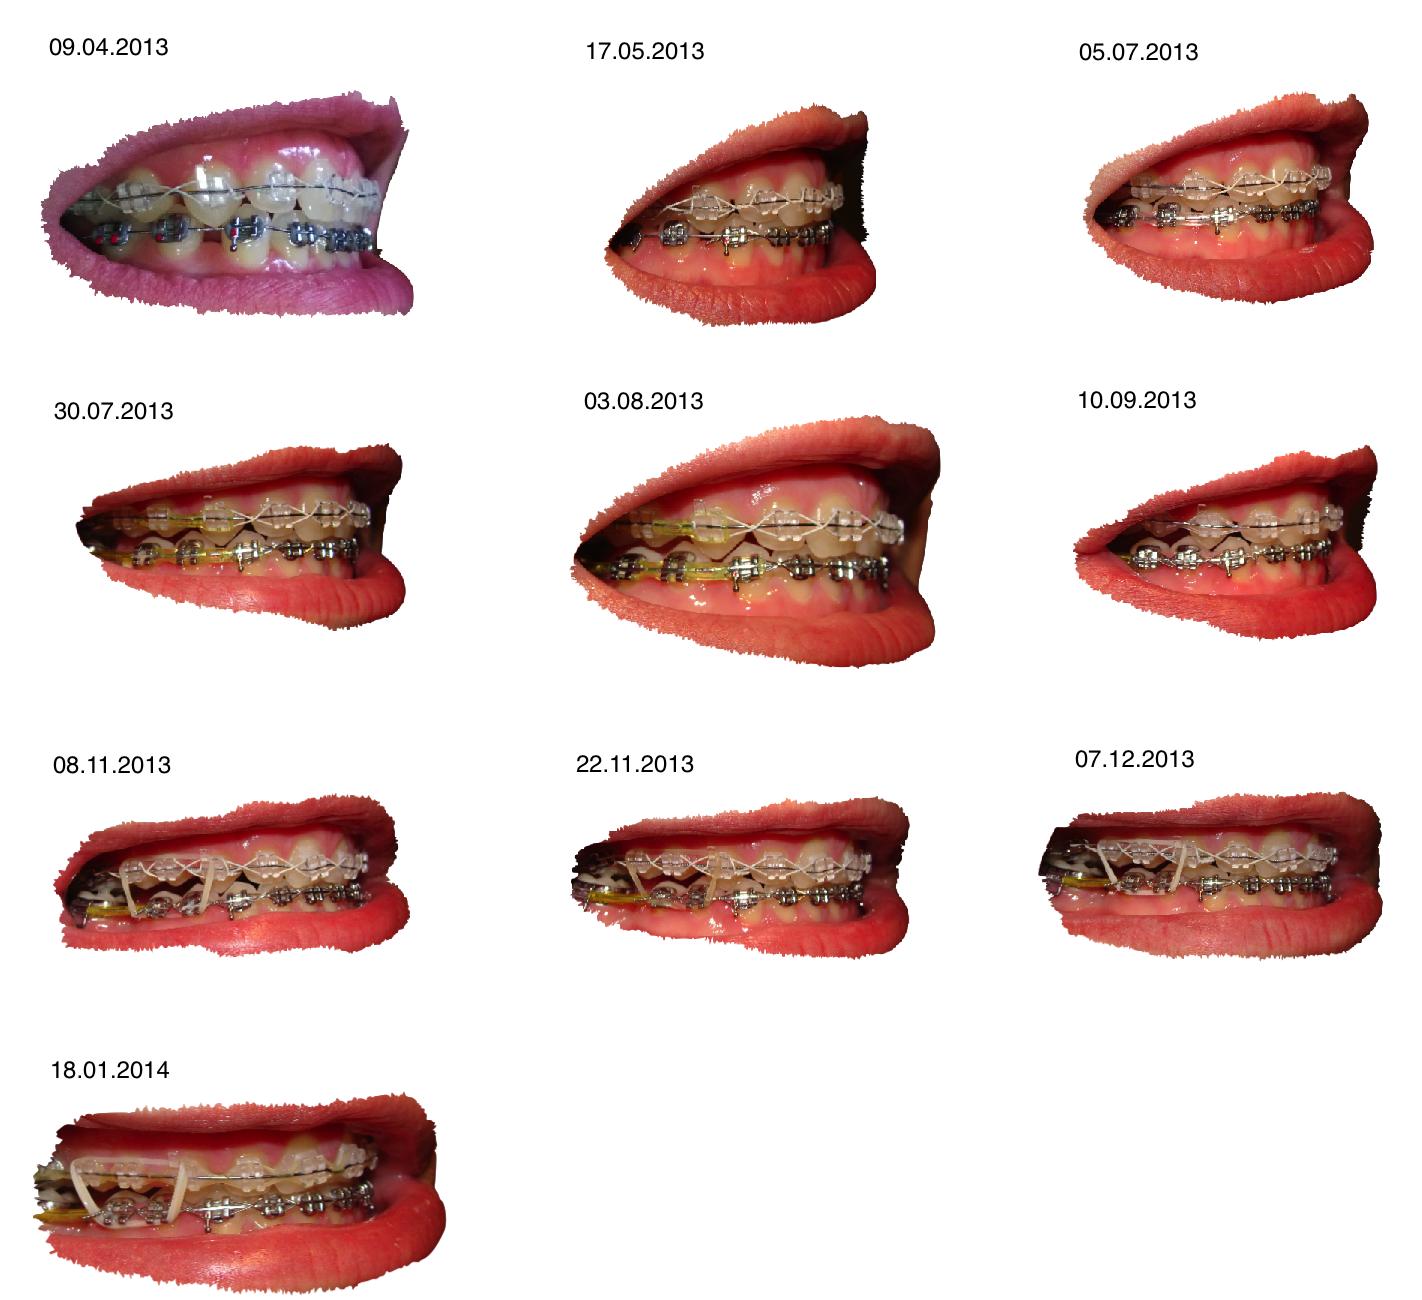 Mein Leben mit Zahnspange: Update #13: Offener Biss